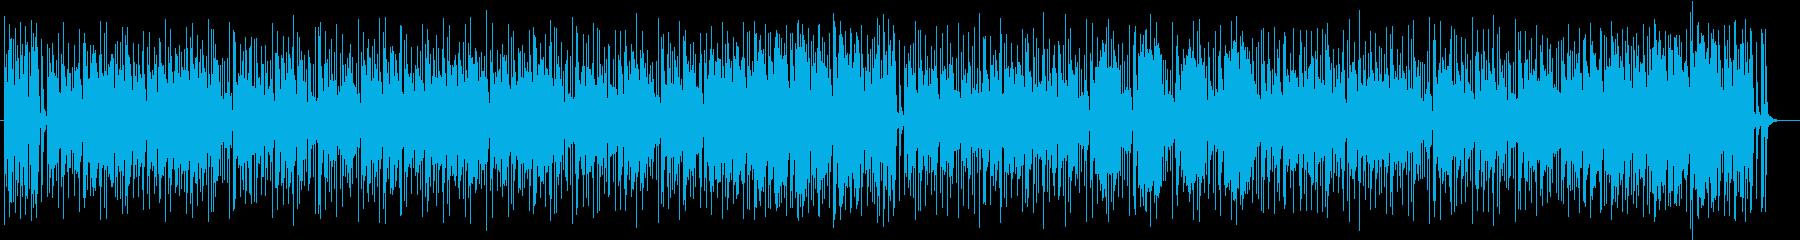 ふんわりしたイメージのコミカル曲の再生済みの波形